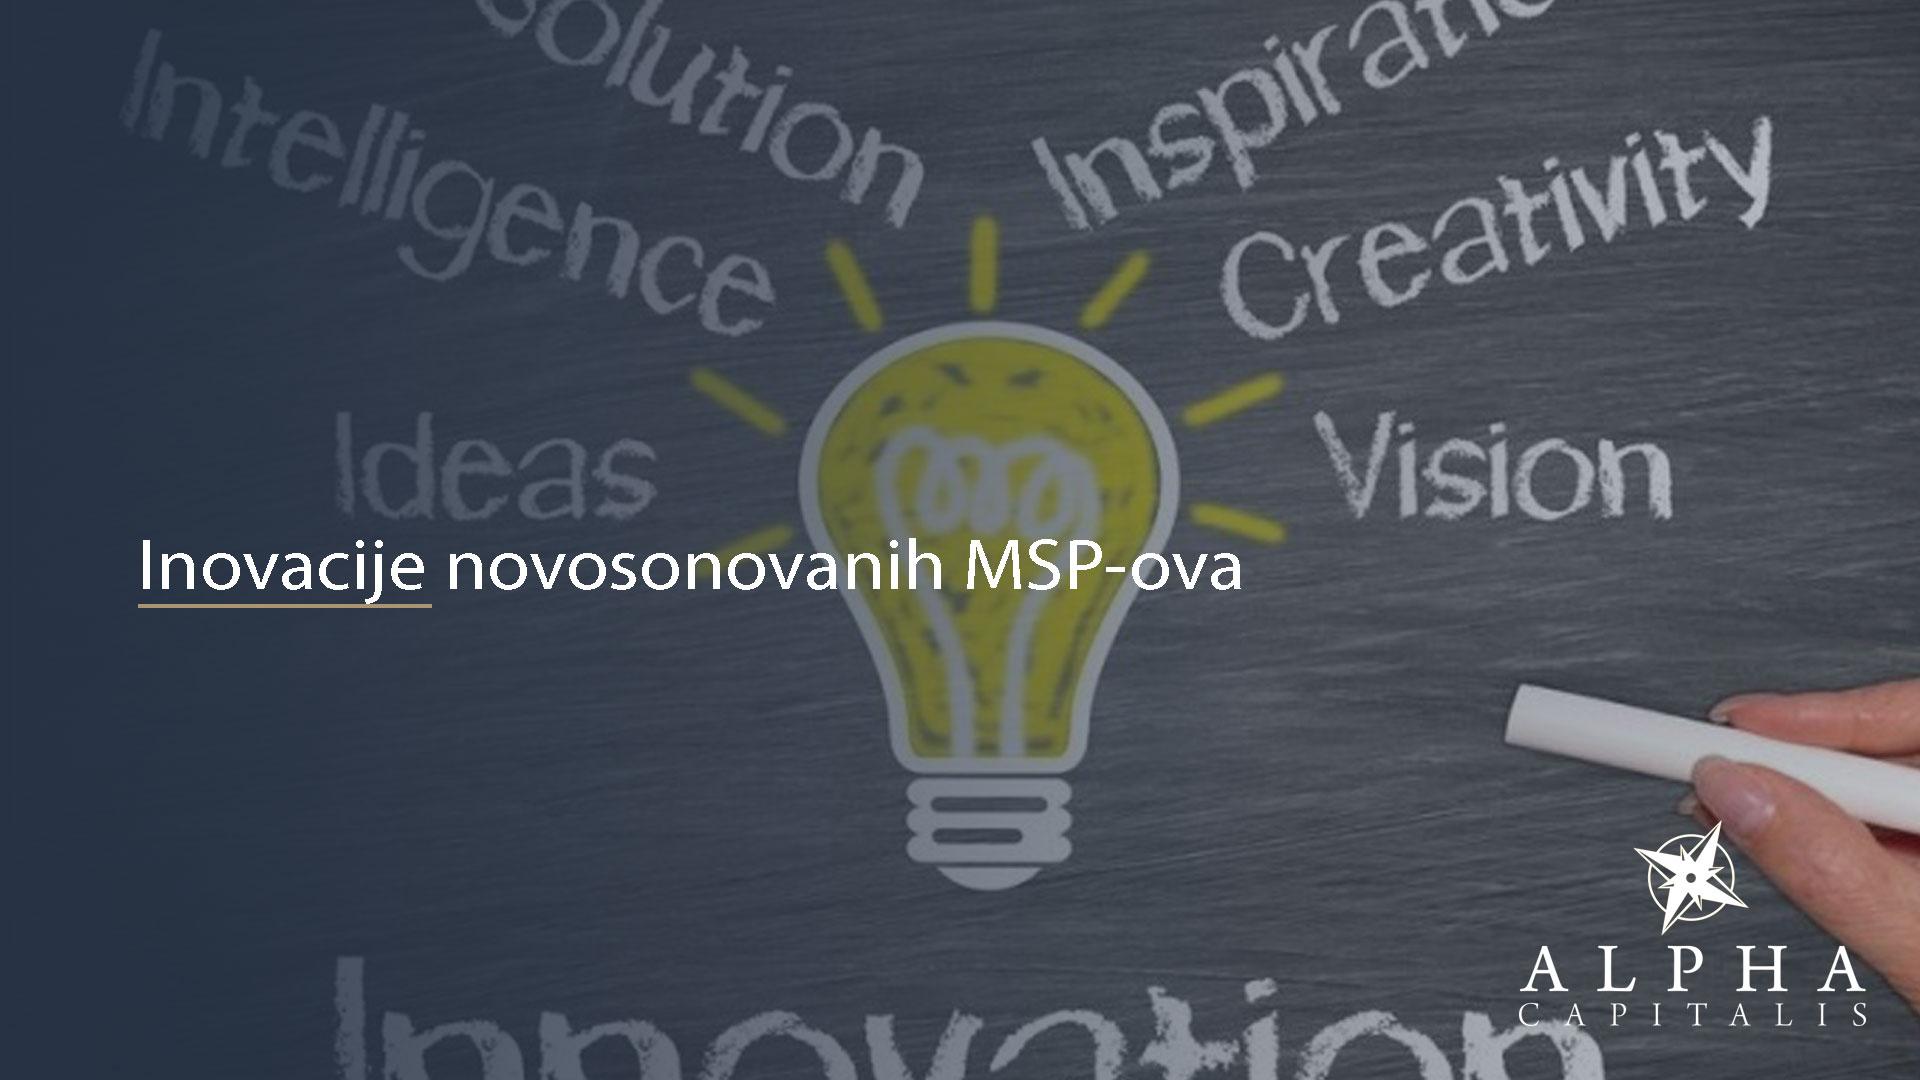 alpha-capitalis-inovacije-mps-ova